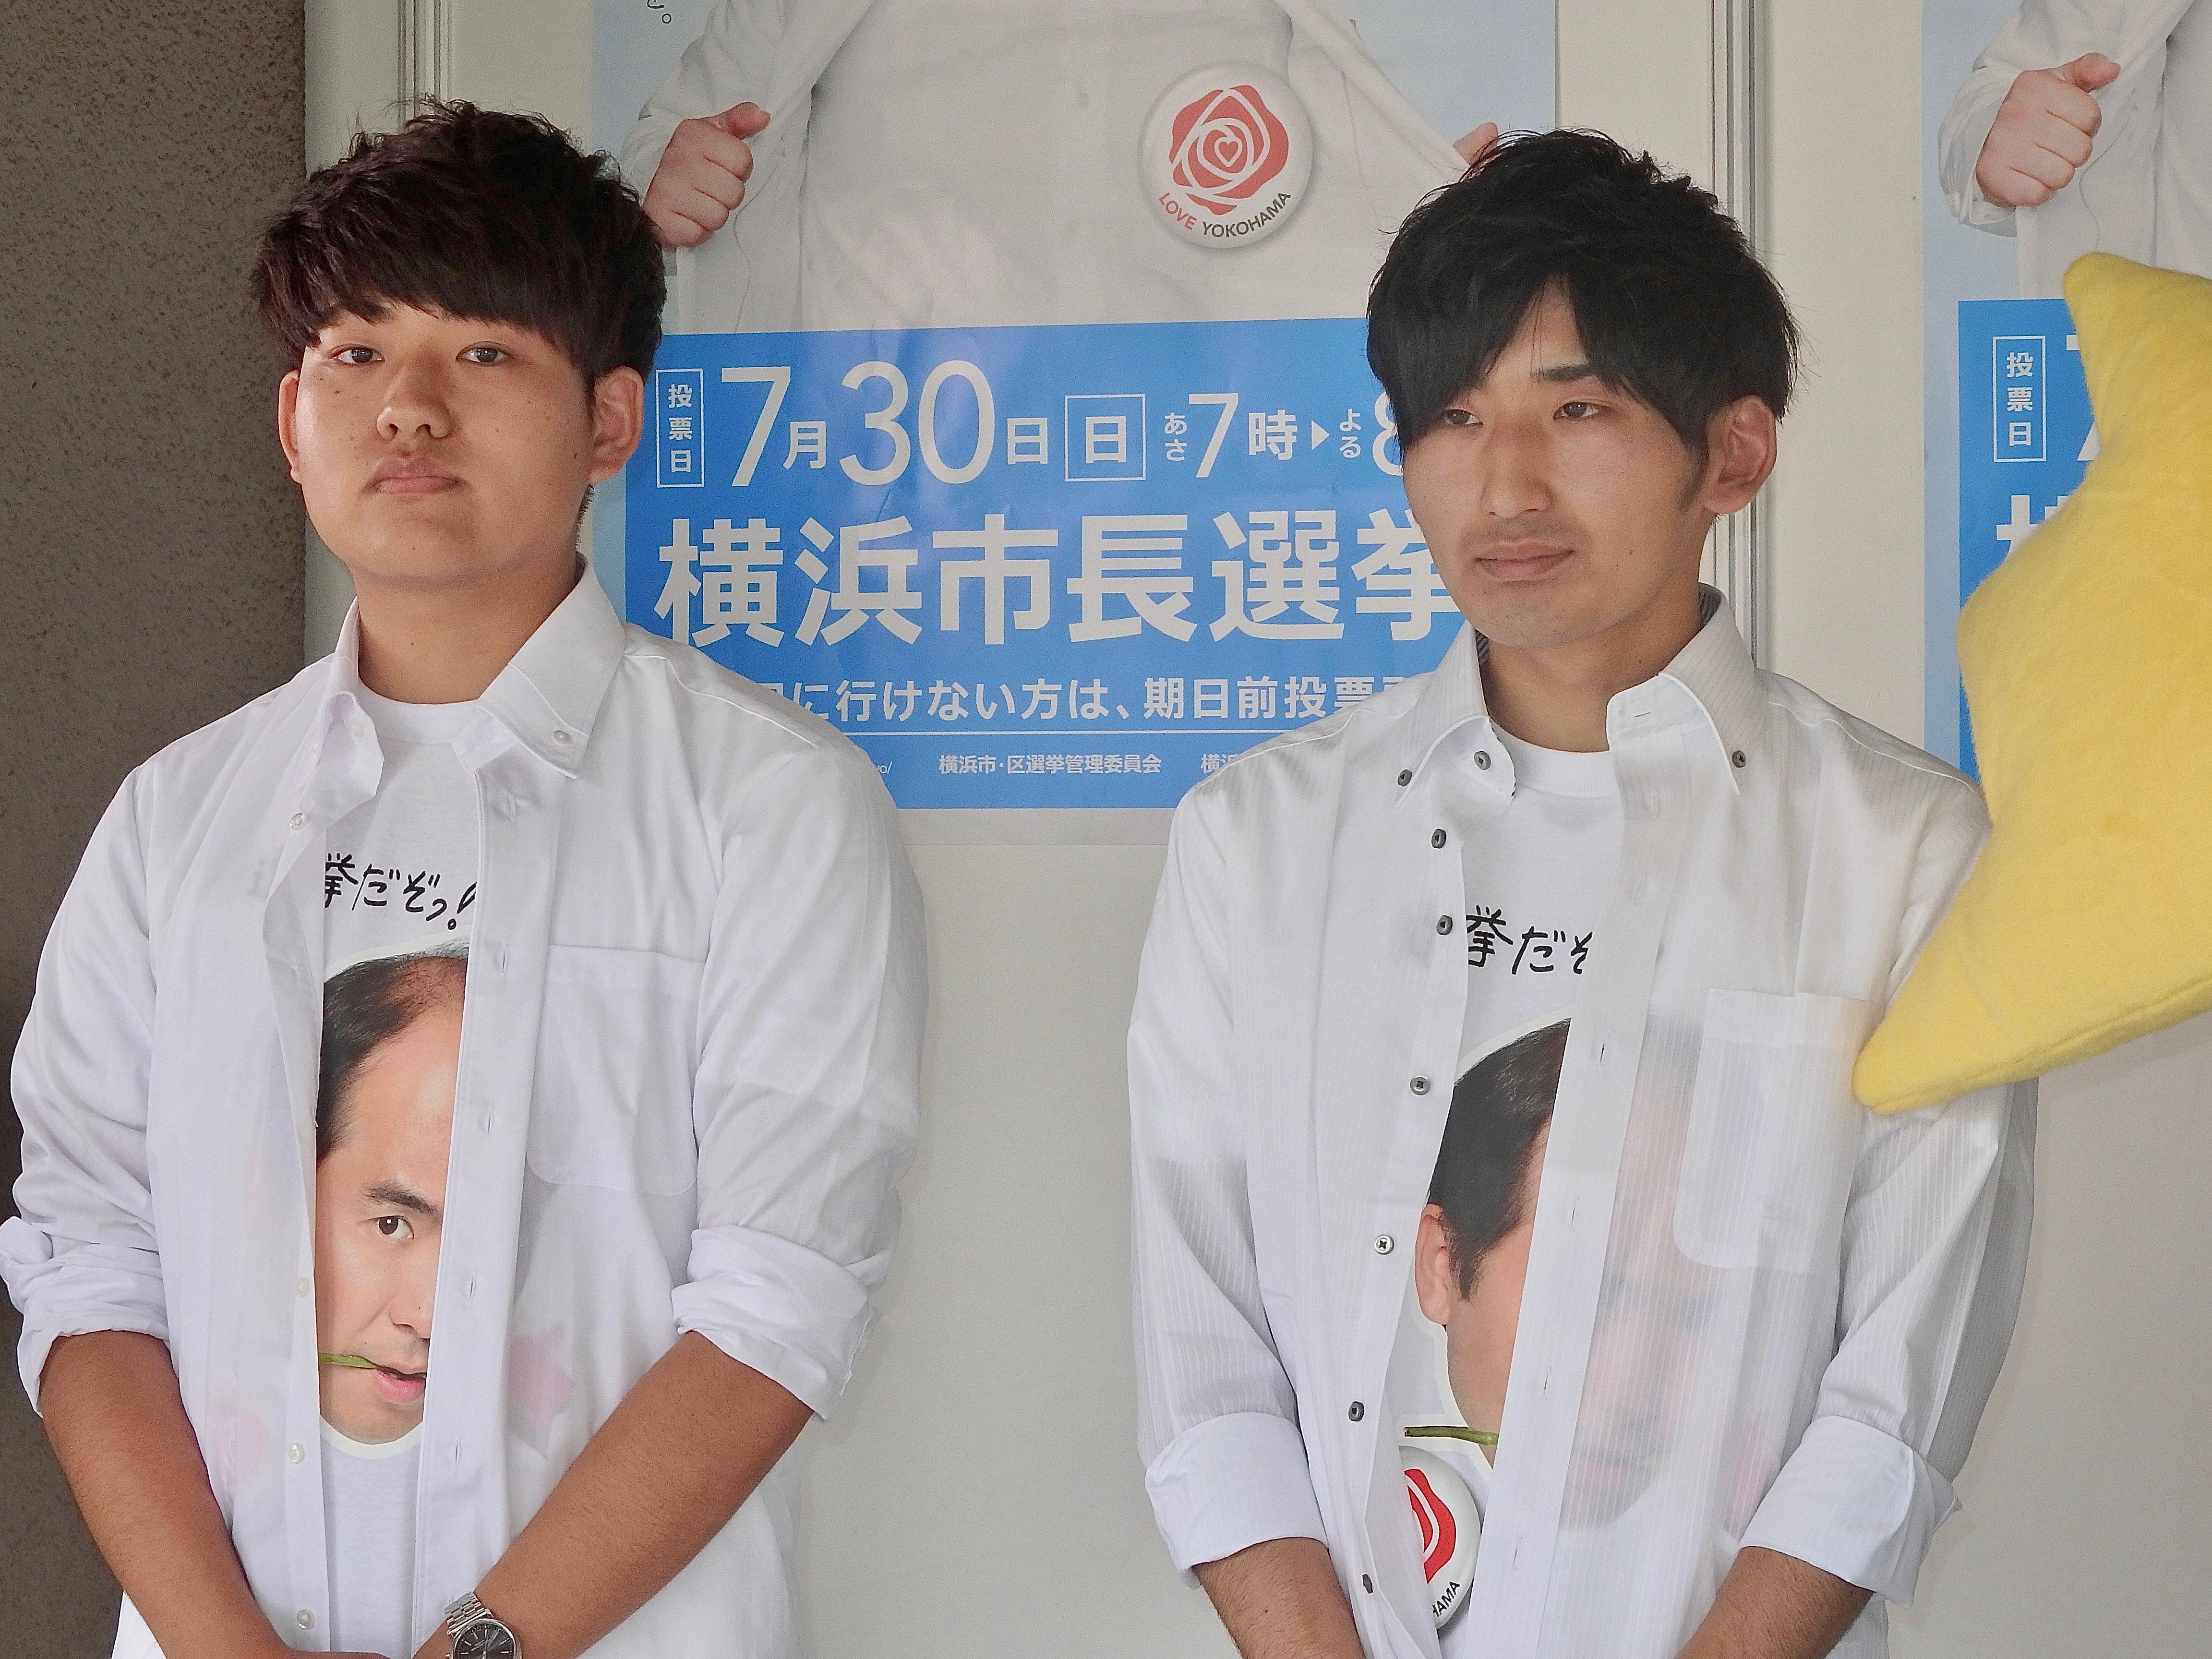 http://news.yoshimoto.co.jp/20170716164337-ba7e94cb61b836f37ce6d0ab9bd47b1f90351f55.jpg